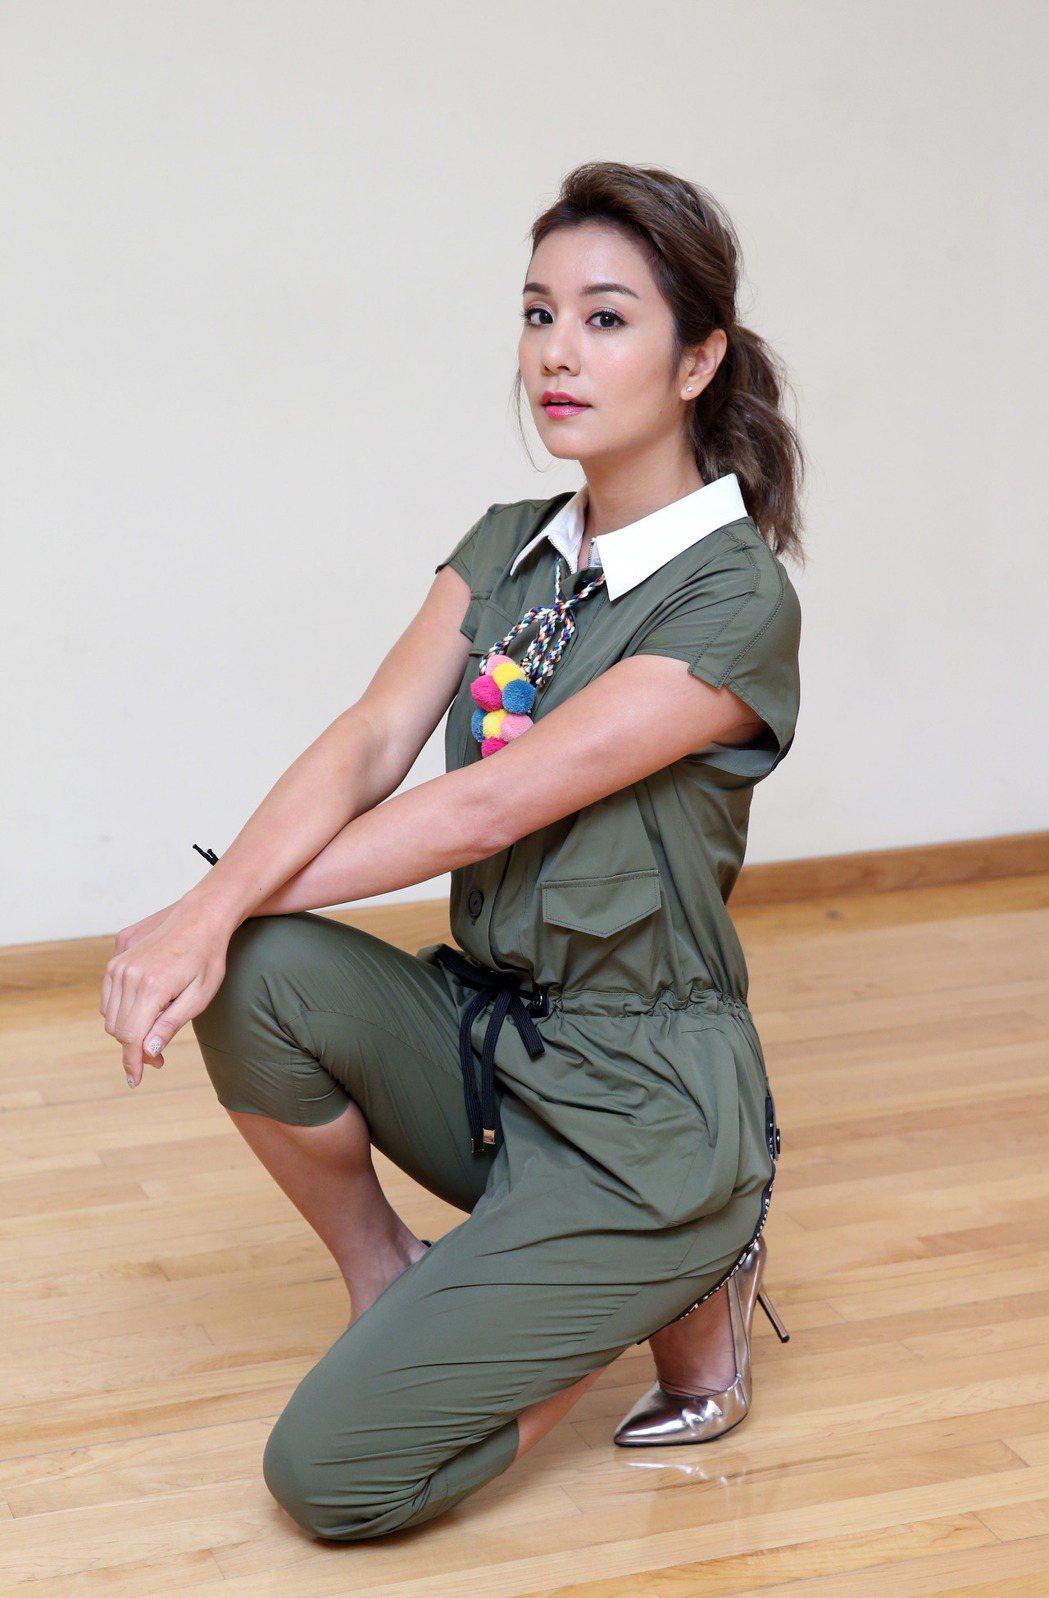 莎莎接受本報專訪談過往。記者陳瑞源/攝影